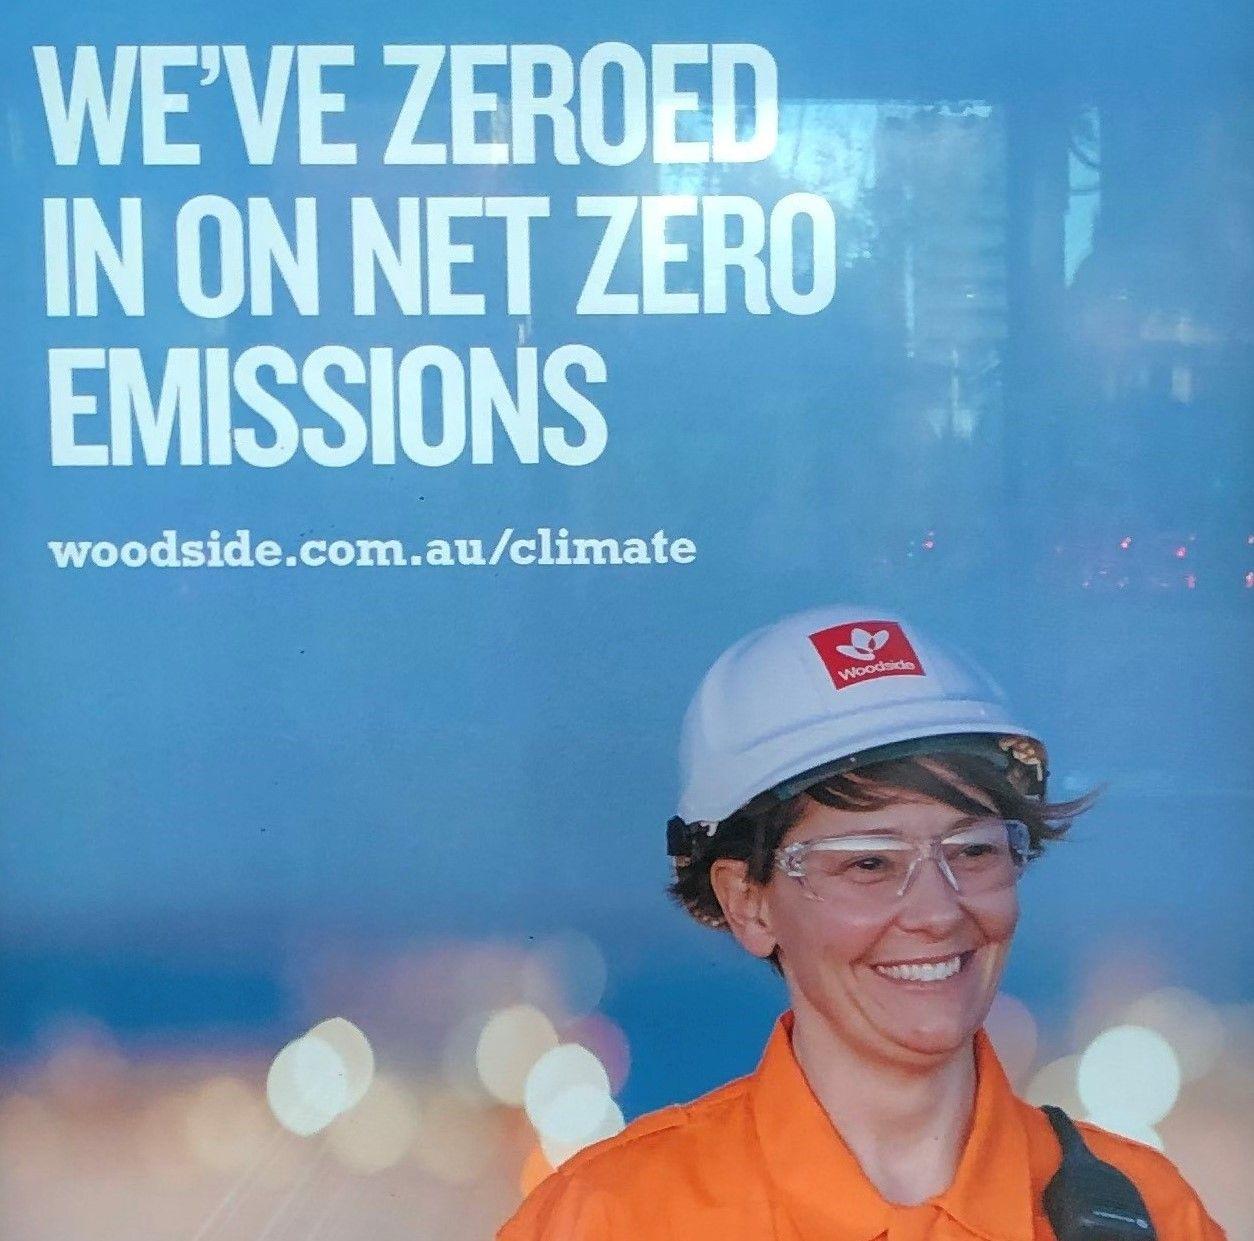 """Woodside advertisement July 2020: """"We've zeroed in on net-zero emissions."""""""